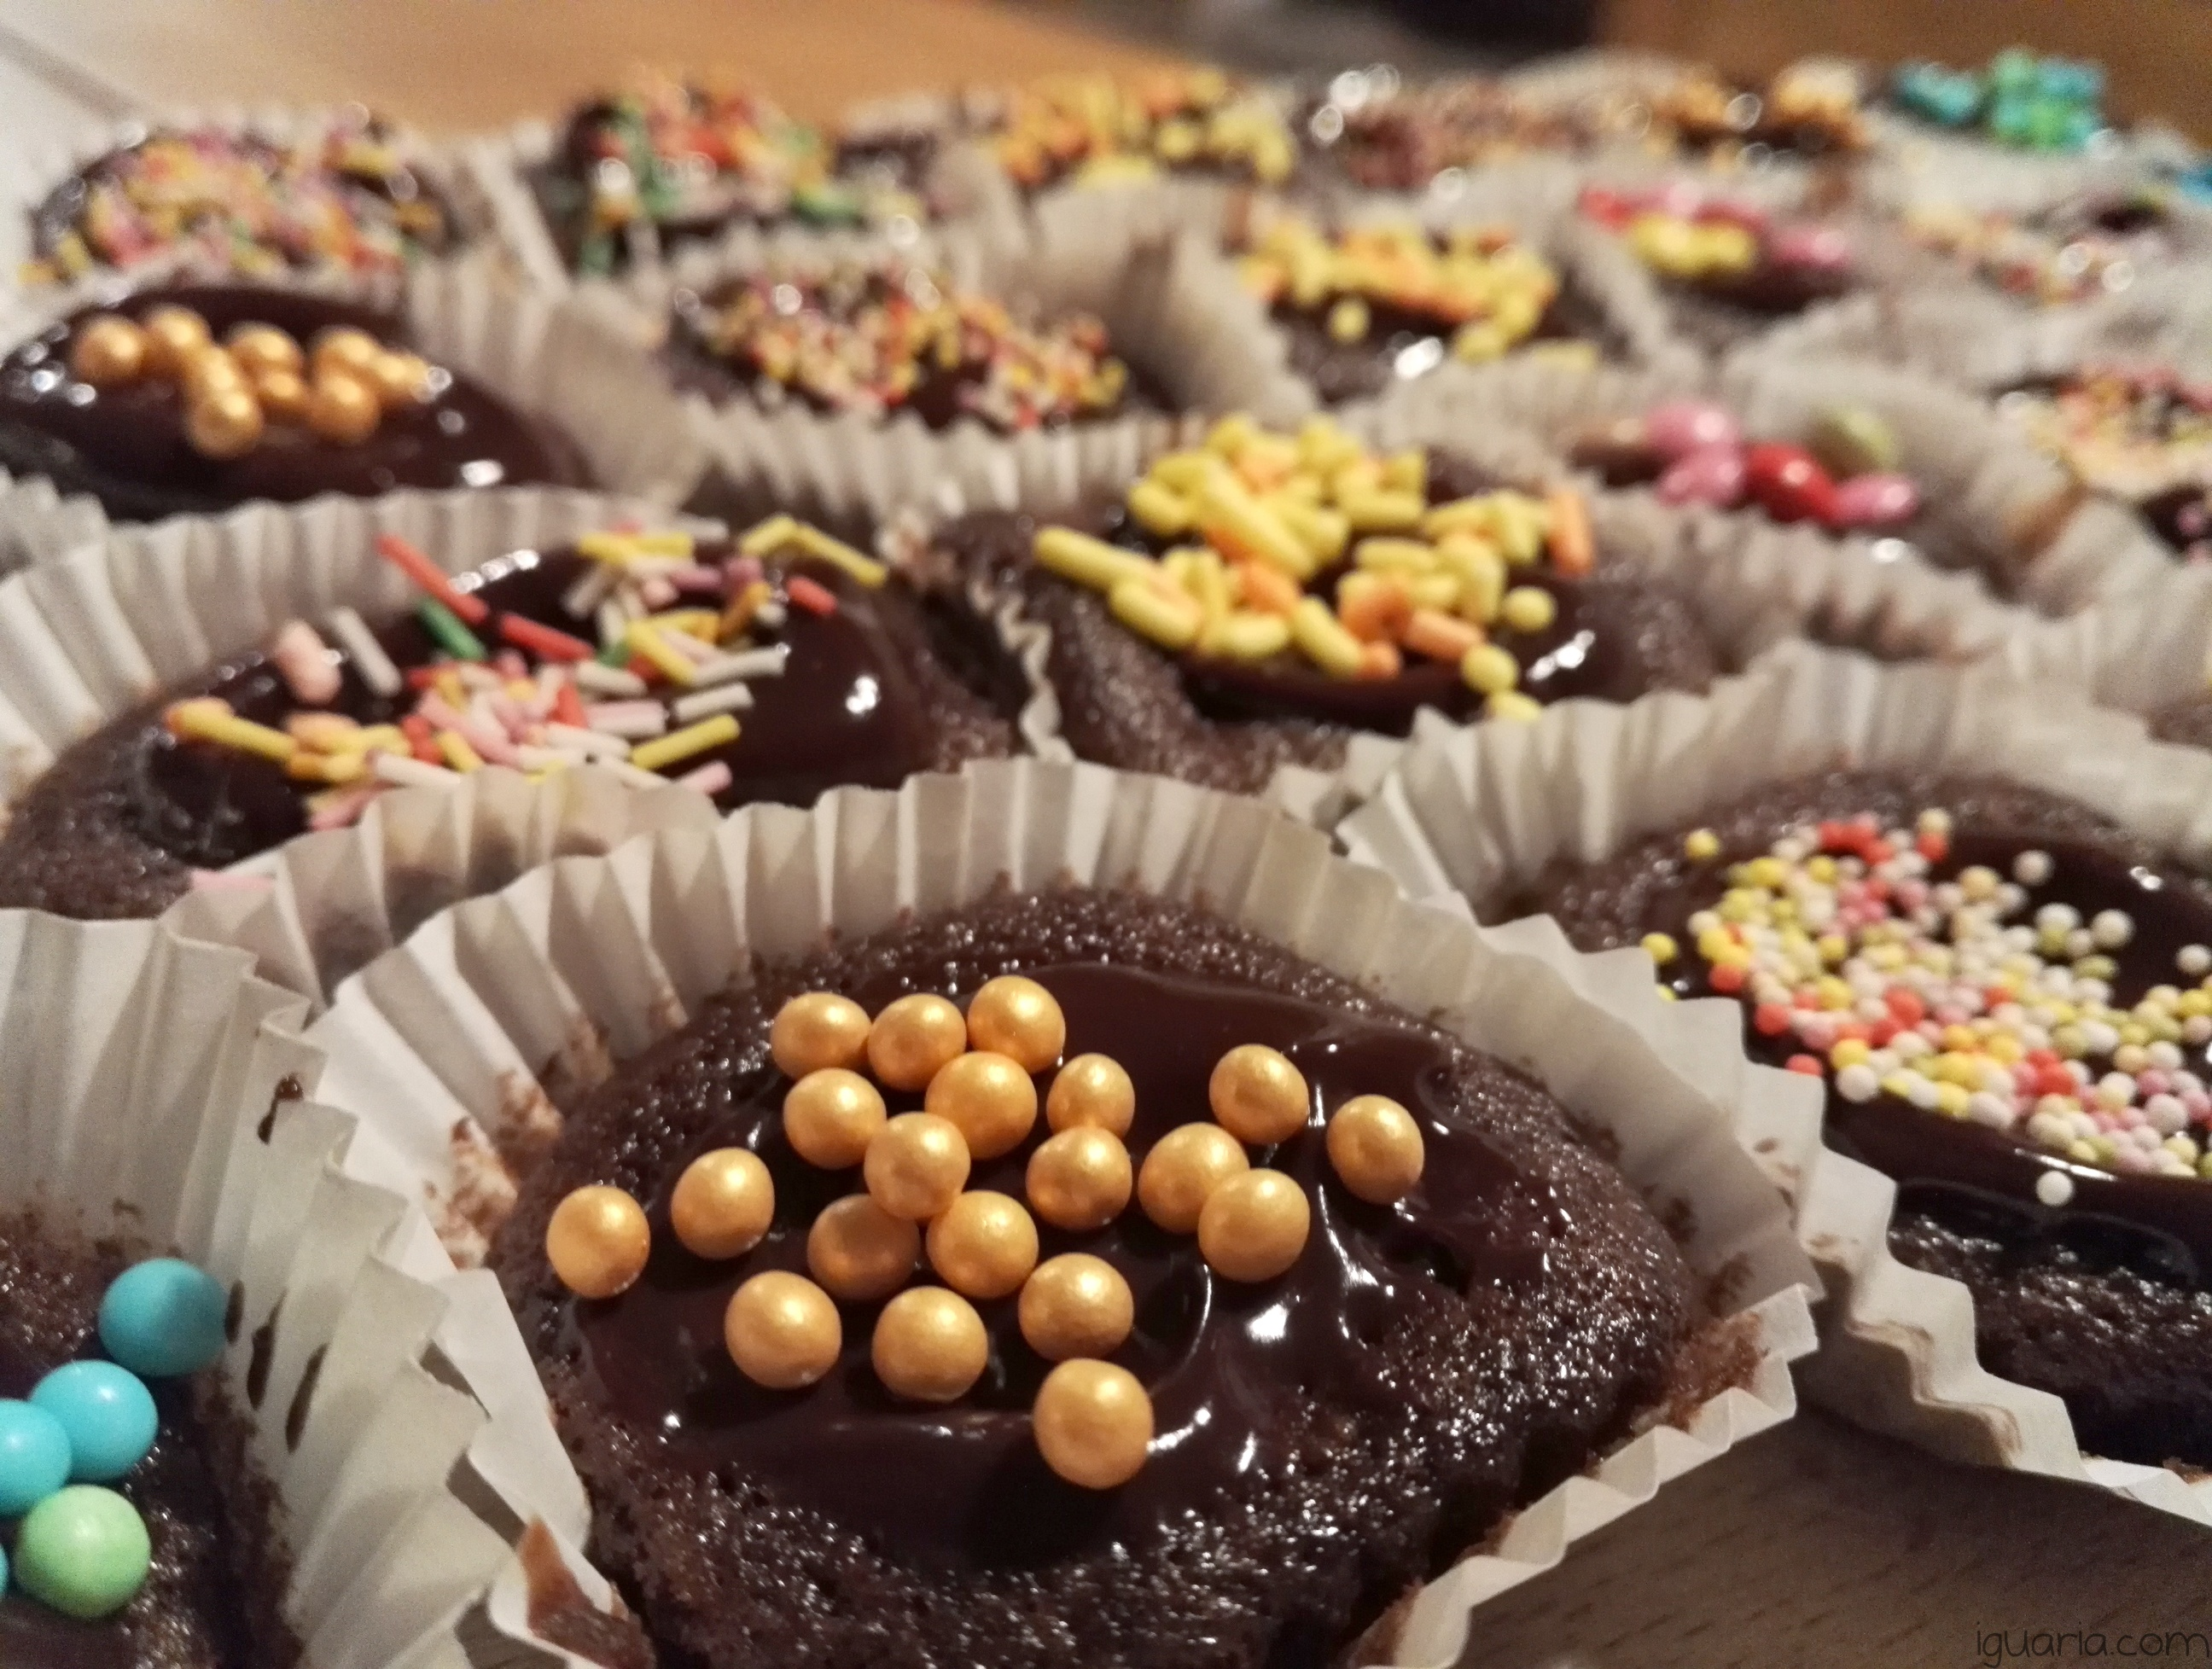 Iguaria_Queques-de-Chocolate-Decorados